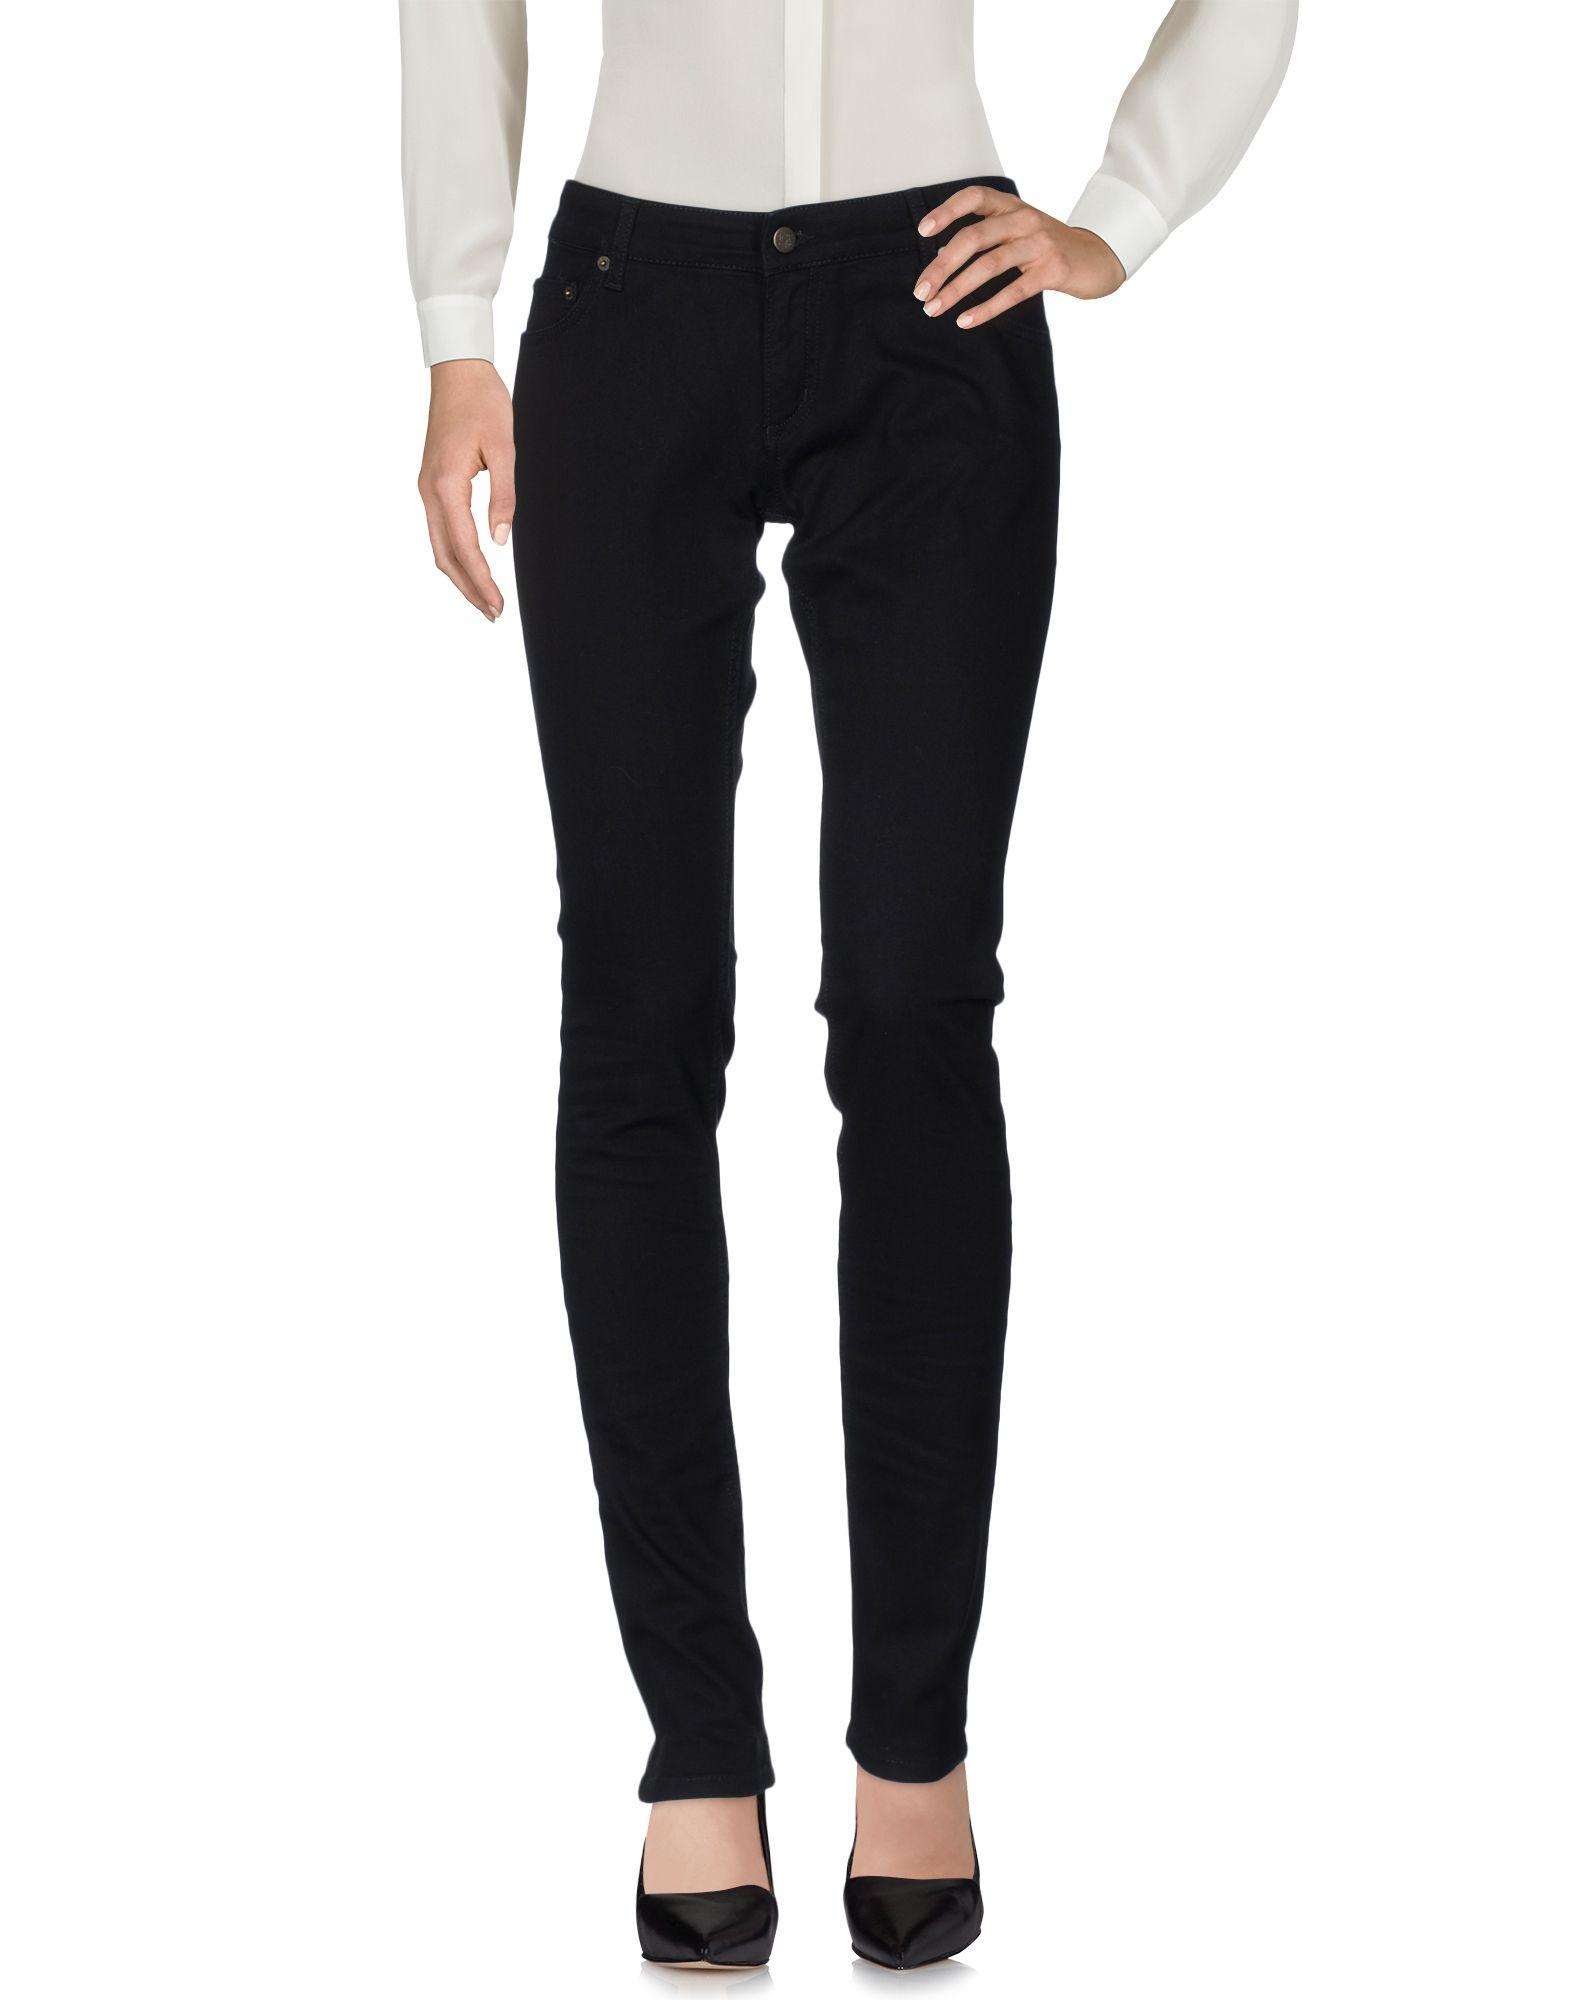 ICEBERG Damen Hose Farbe Schwarz Größe 8 jetztbilligerkaufen